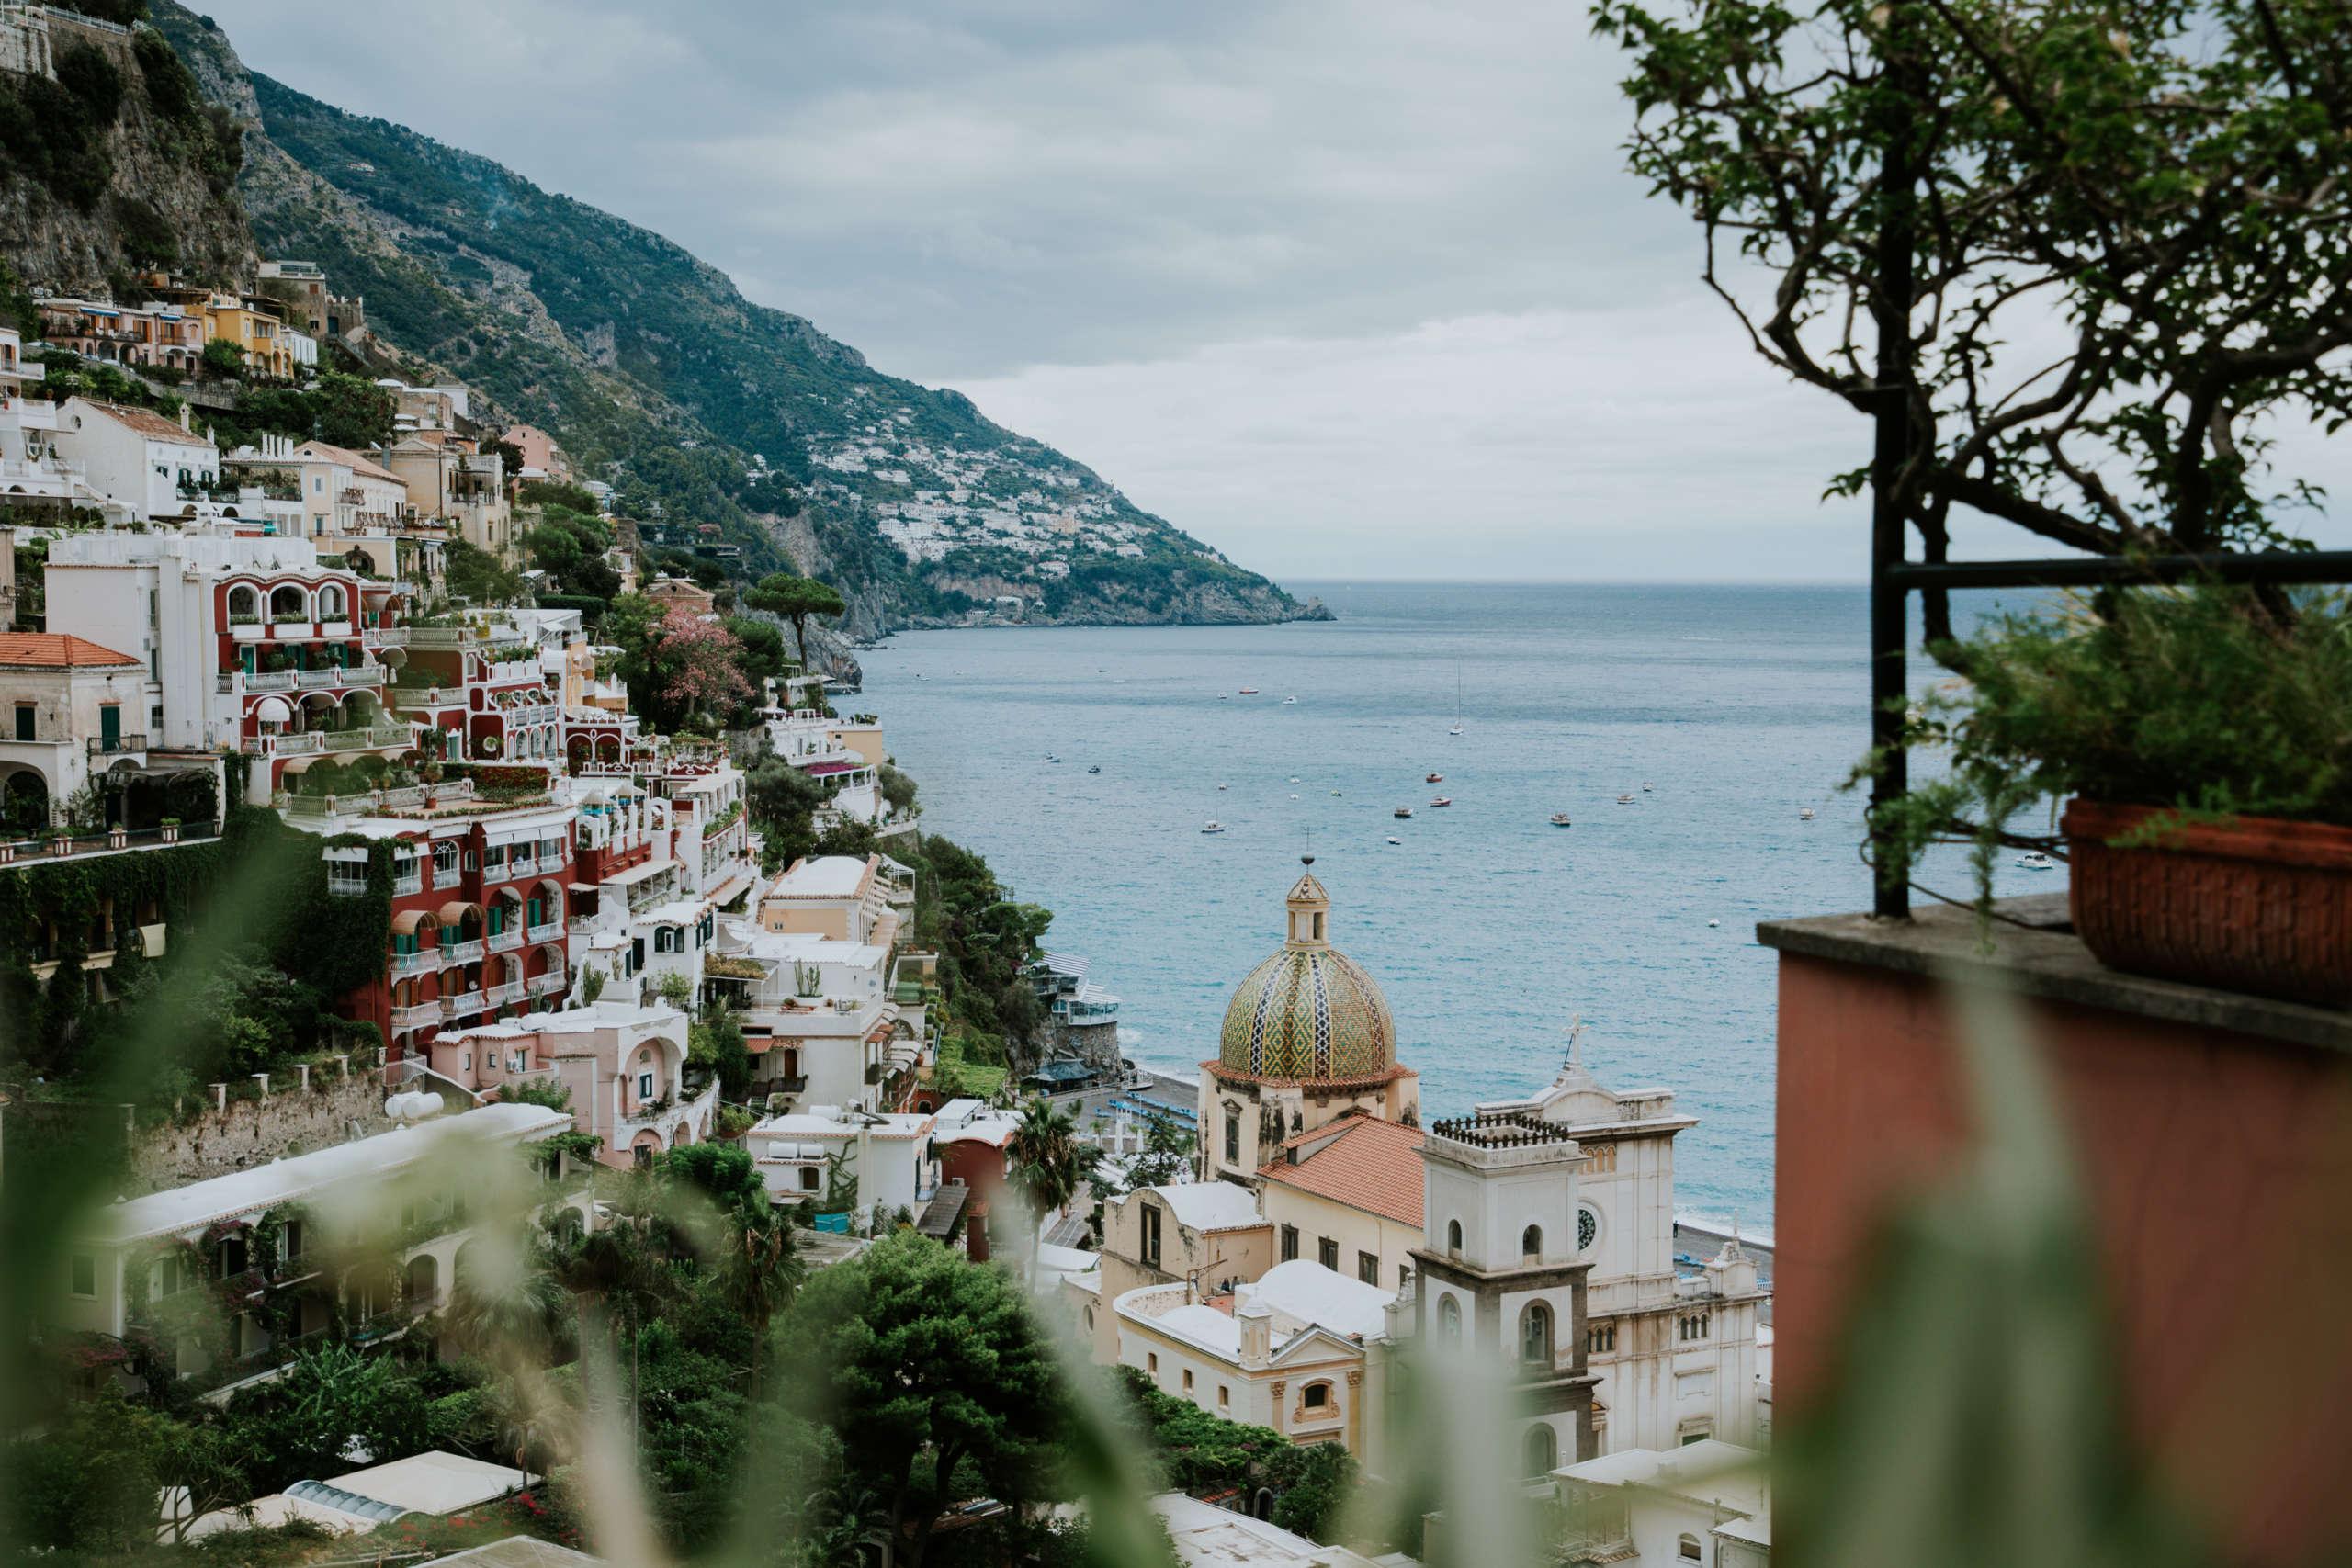 Aussicht auf die Häuser in den Bergen und das Meer.